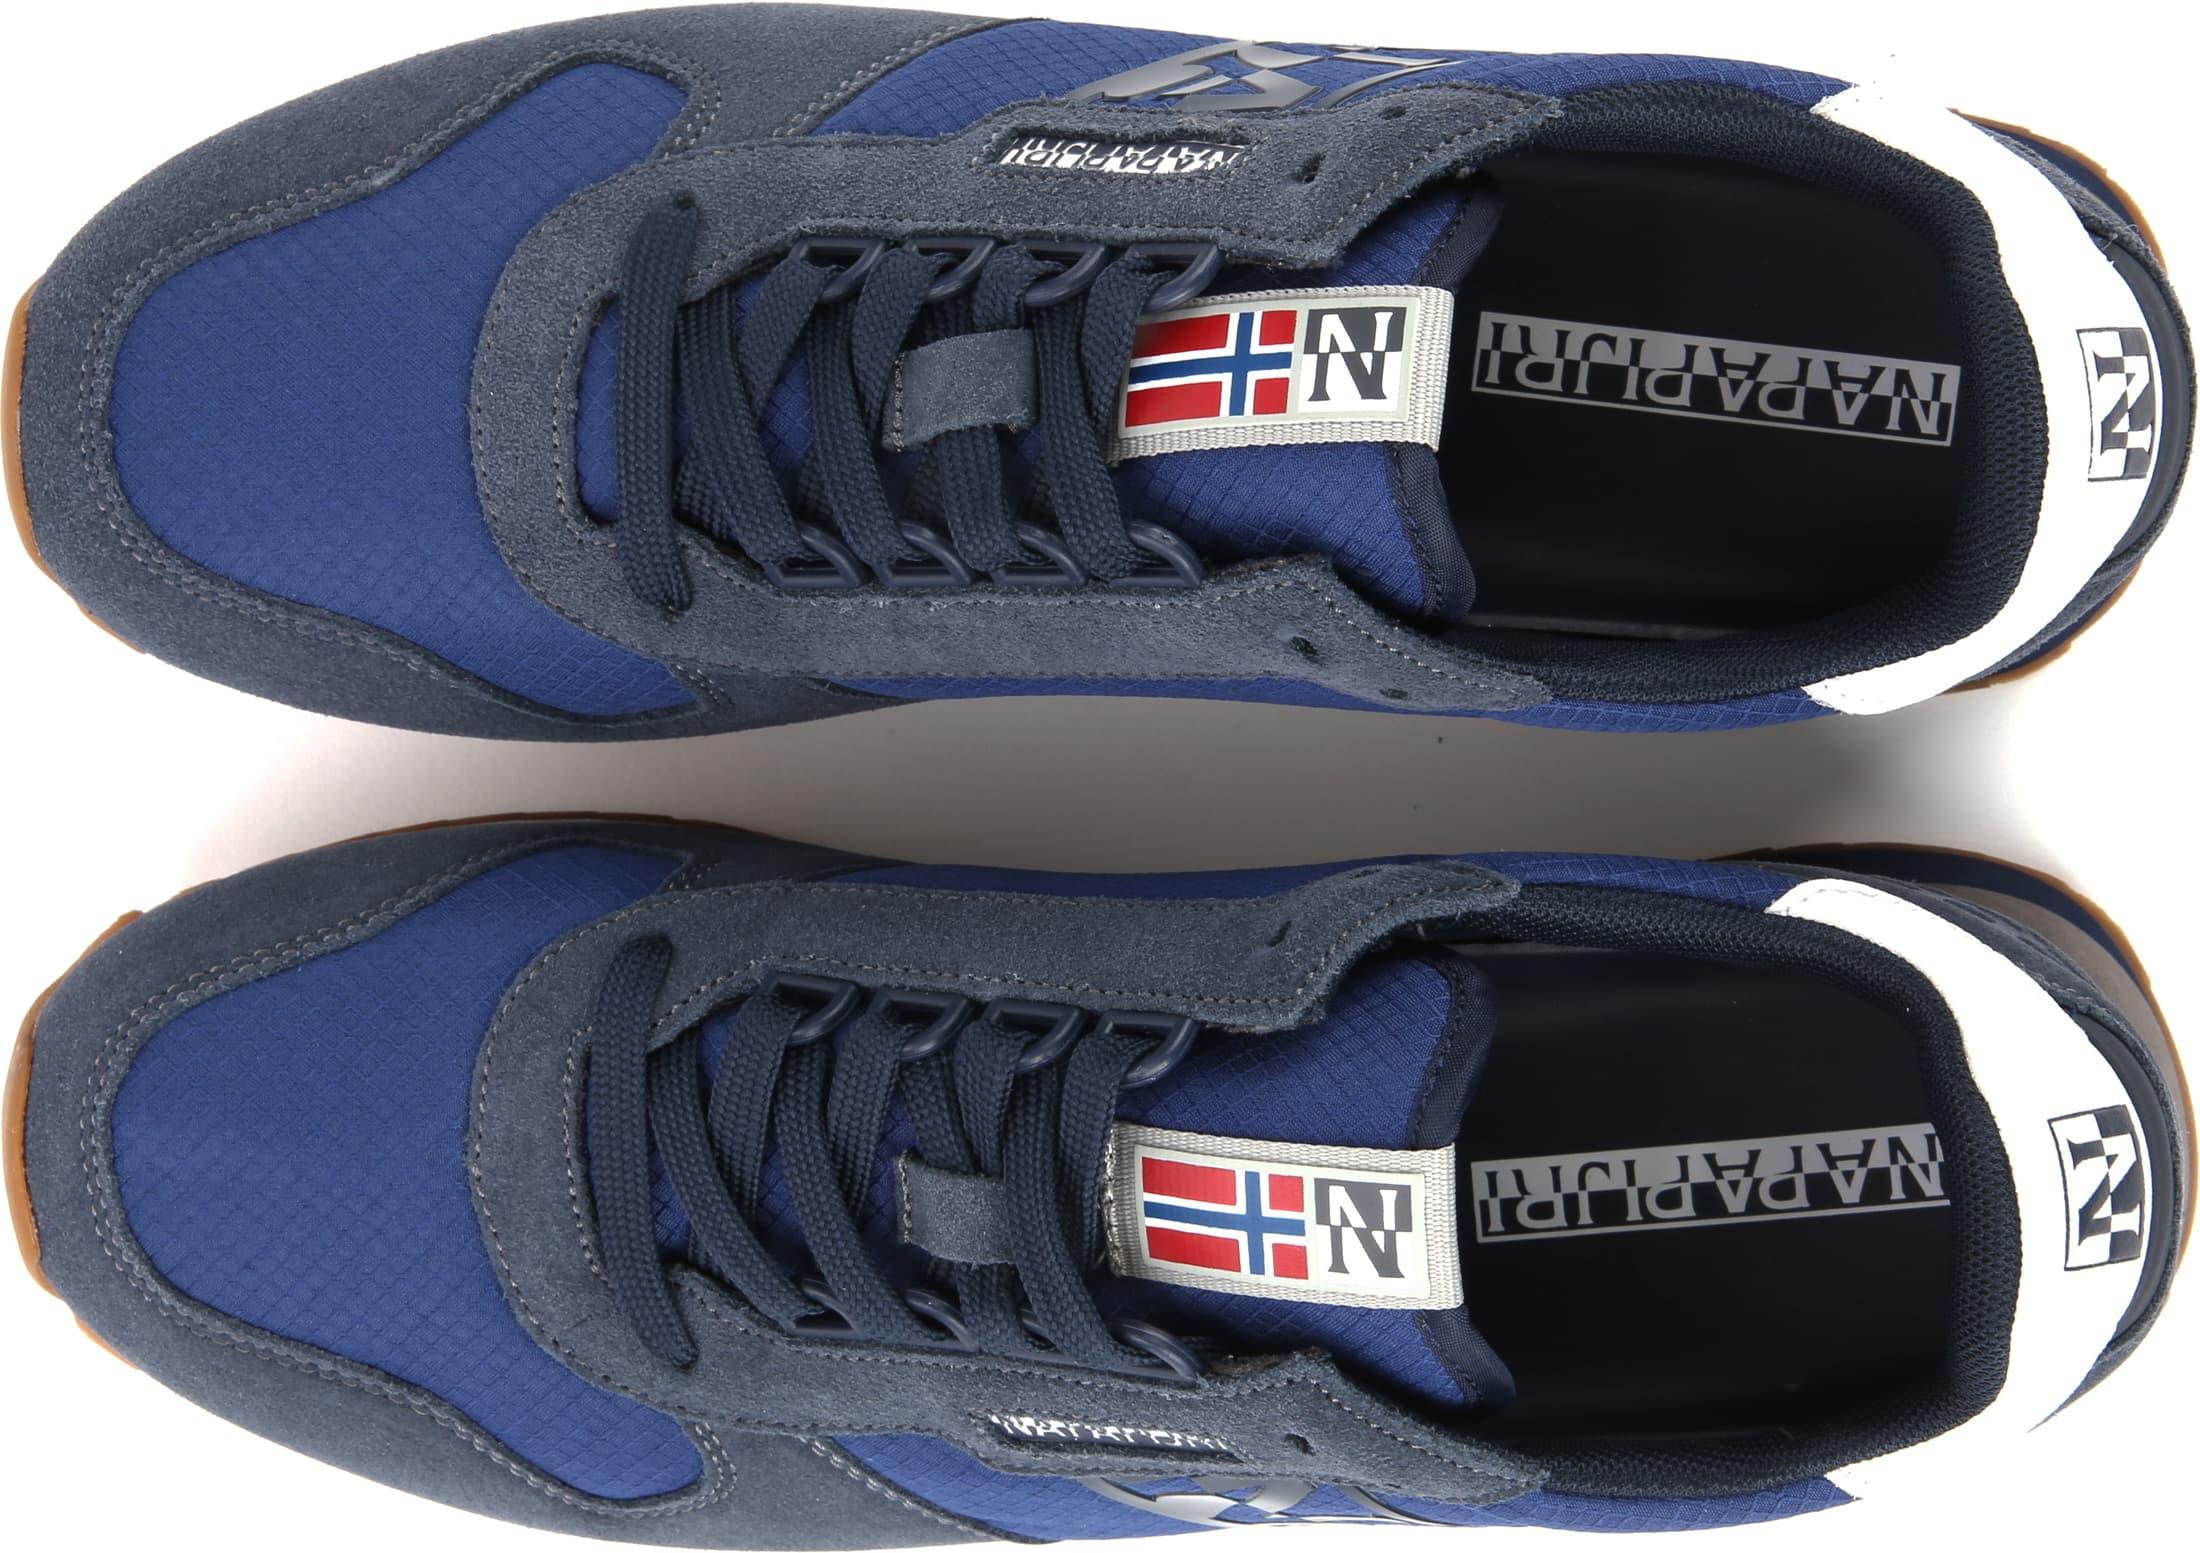 Napapijri Insignia Sneaker Blauw foto 2